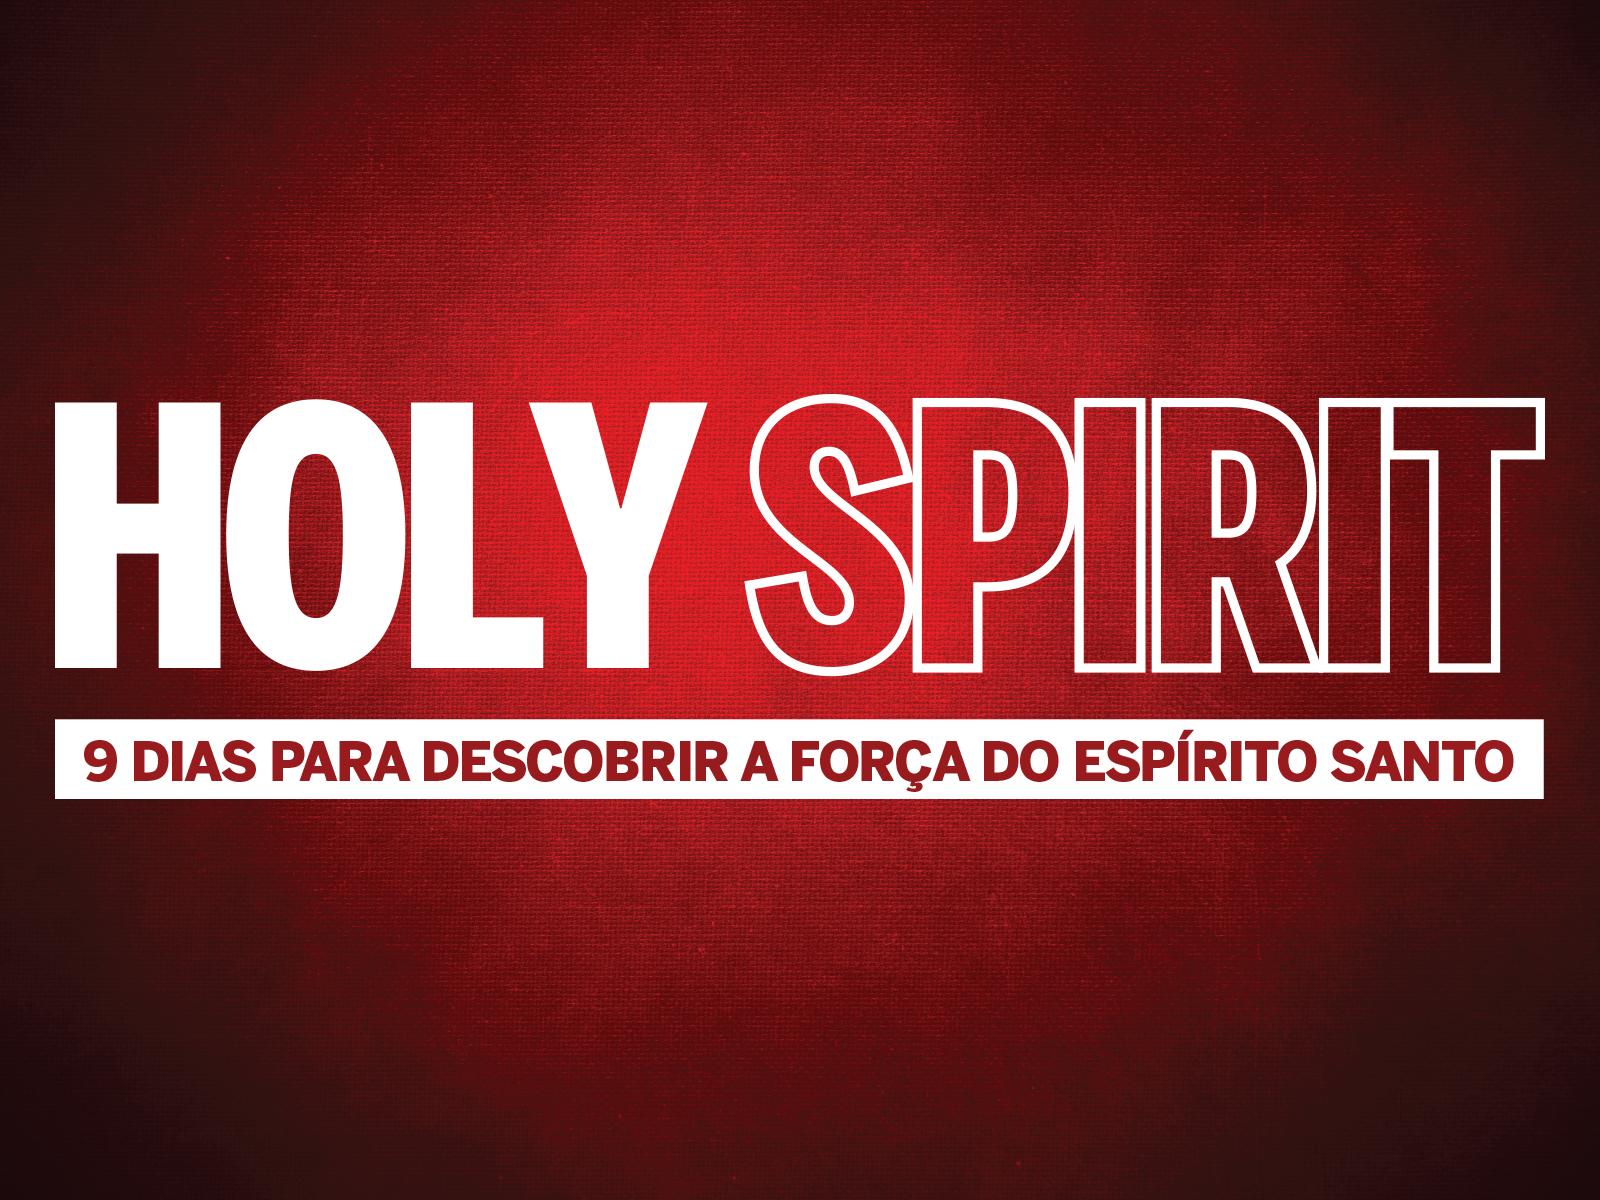 Holy Spirit A força do Espírito Santo